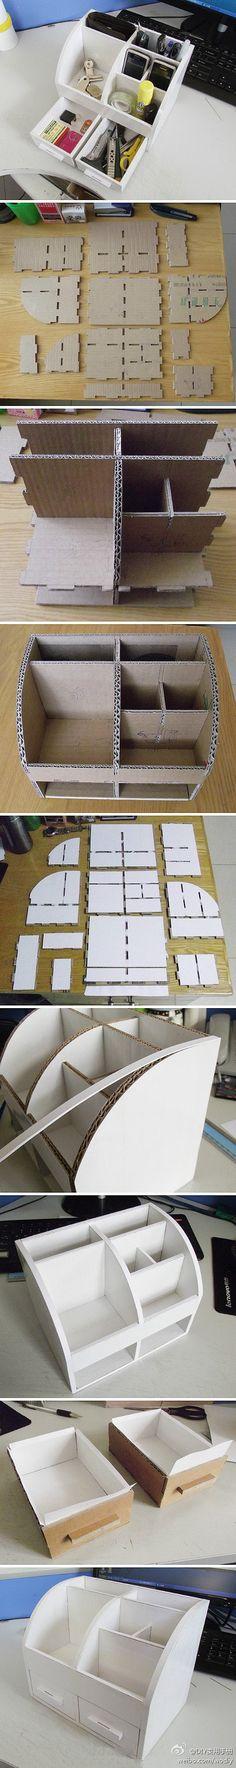 DIY cardboard box organizer